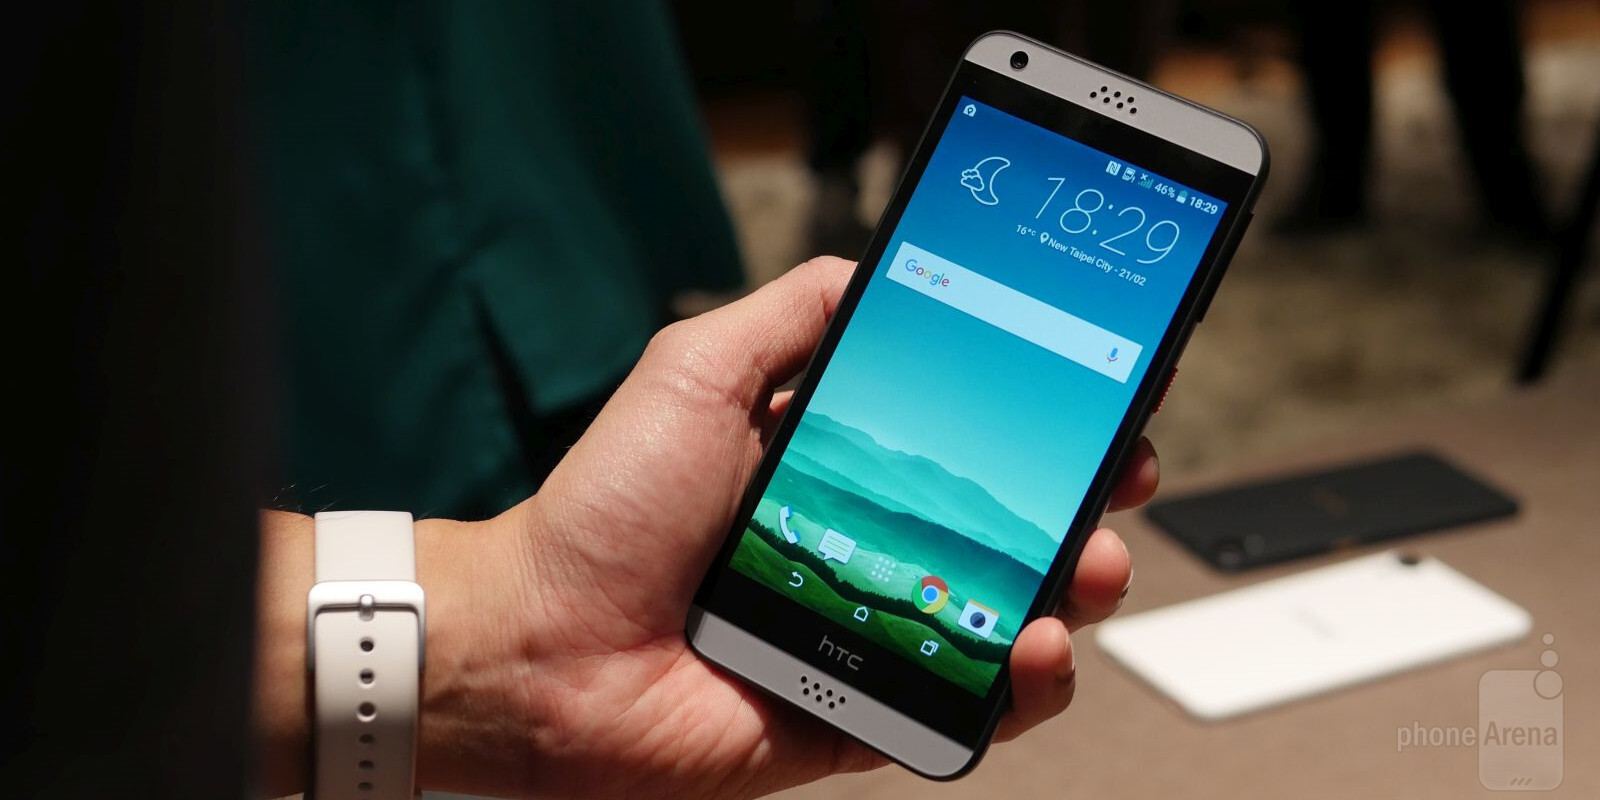 HTC Desire 530 u0026 630 hands-on : PhoneArena reviews